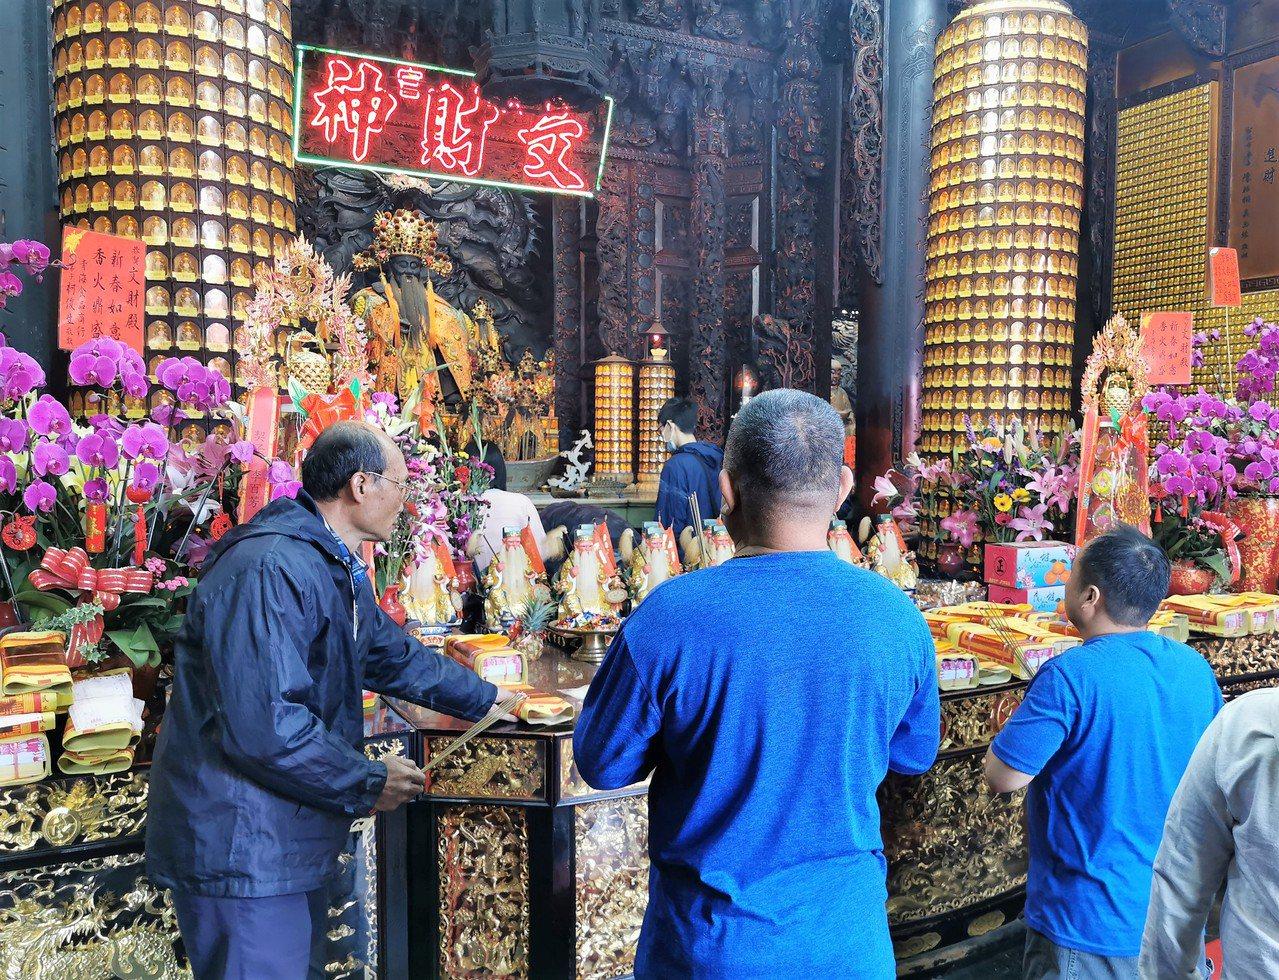 即將迎來農曆新年,不少民眾過年期間除了安排旅遊之外,參拜廟宇也是不可或缺的走春行...